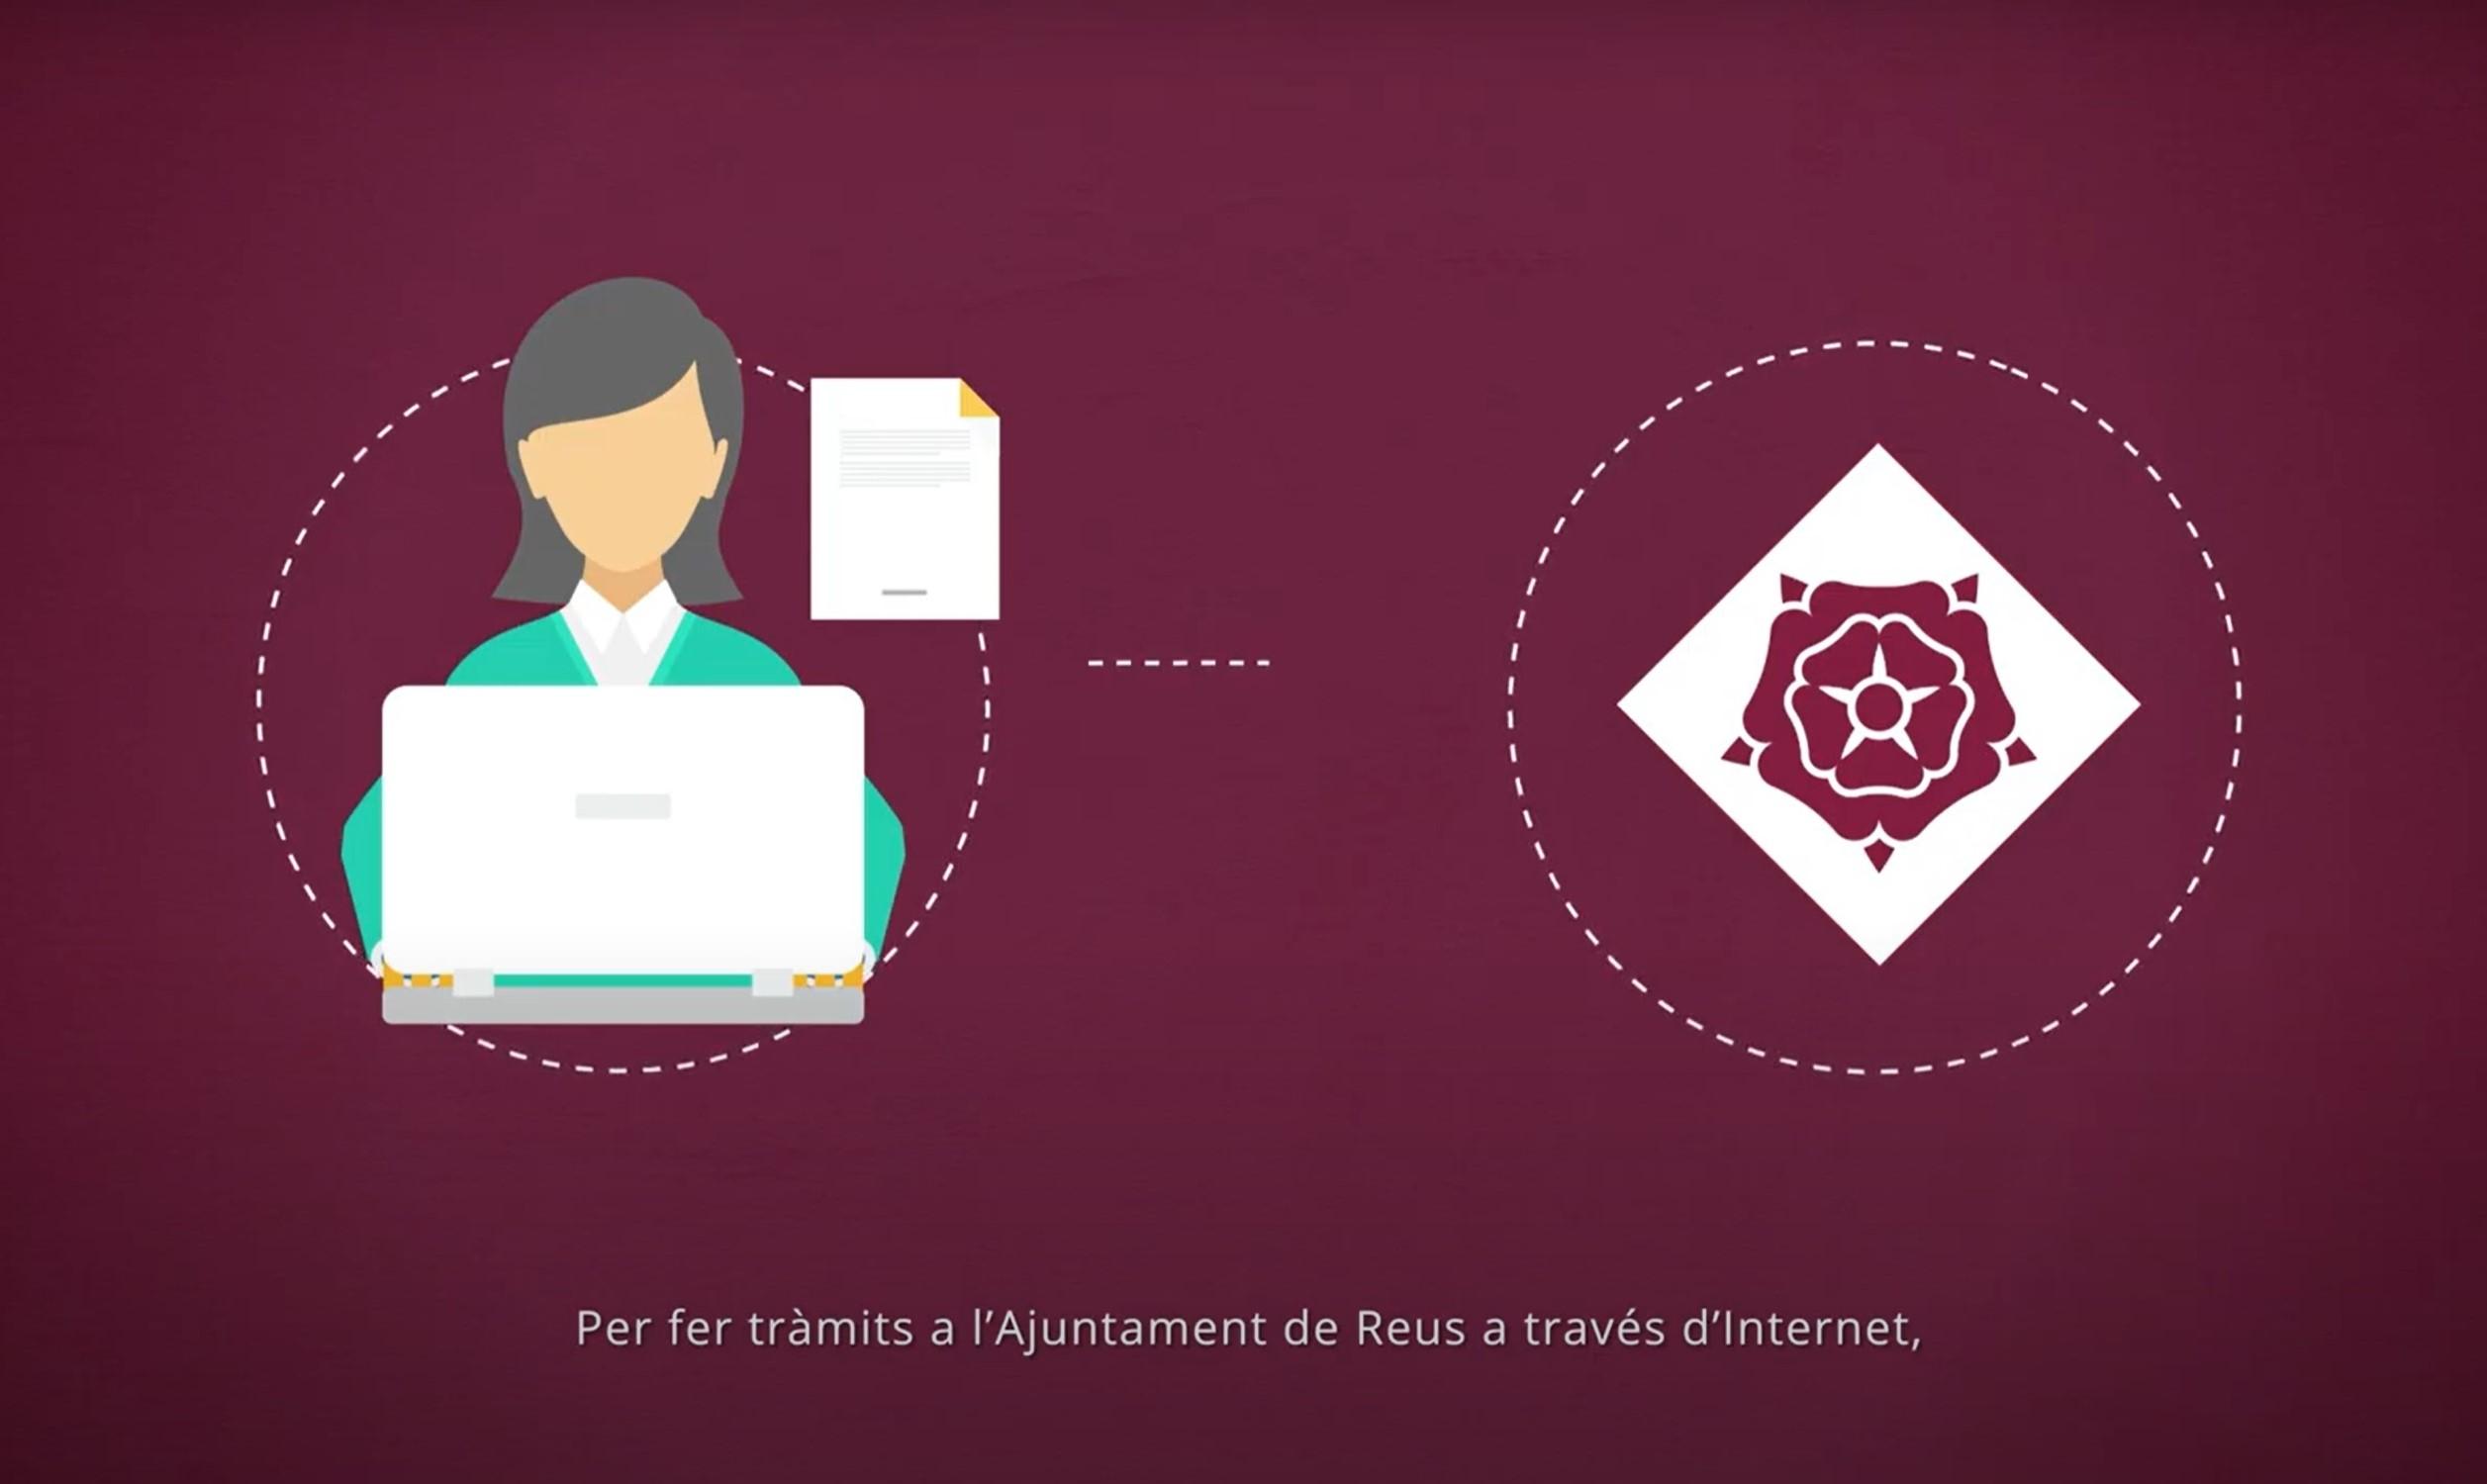 L'Ajuntament de Reus accelera el procés de transformació digital amb novetats tecnològiques i normatives: l'eliminació del'entrada ...